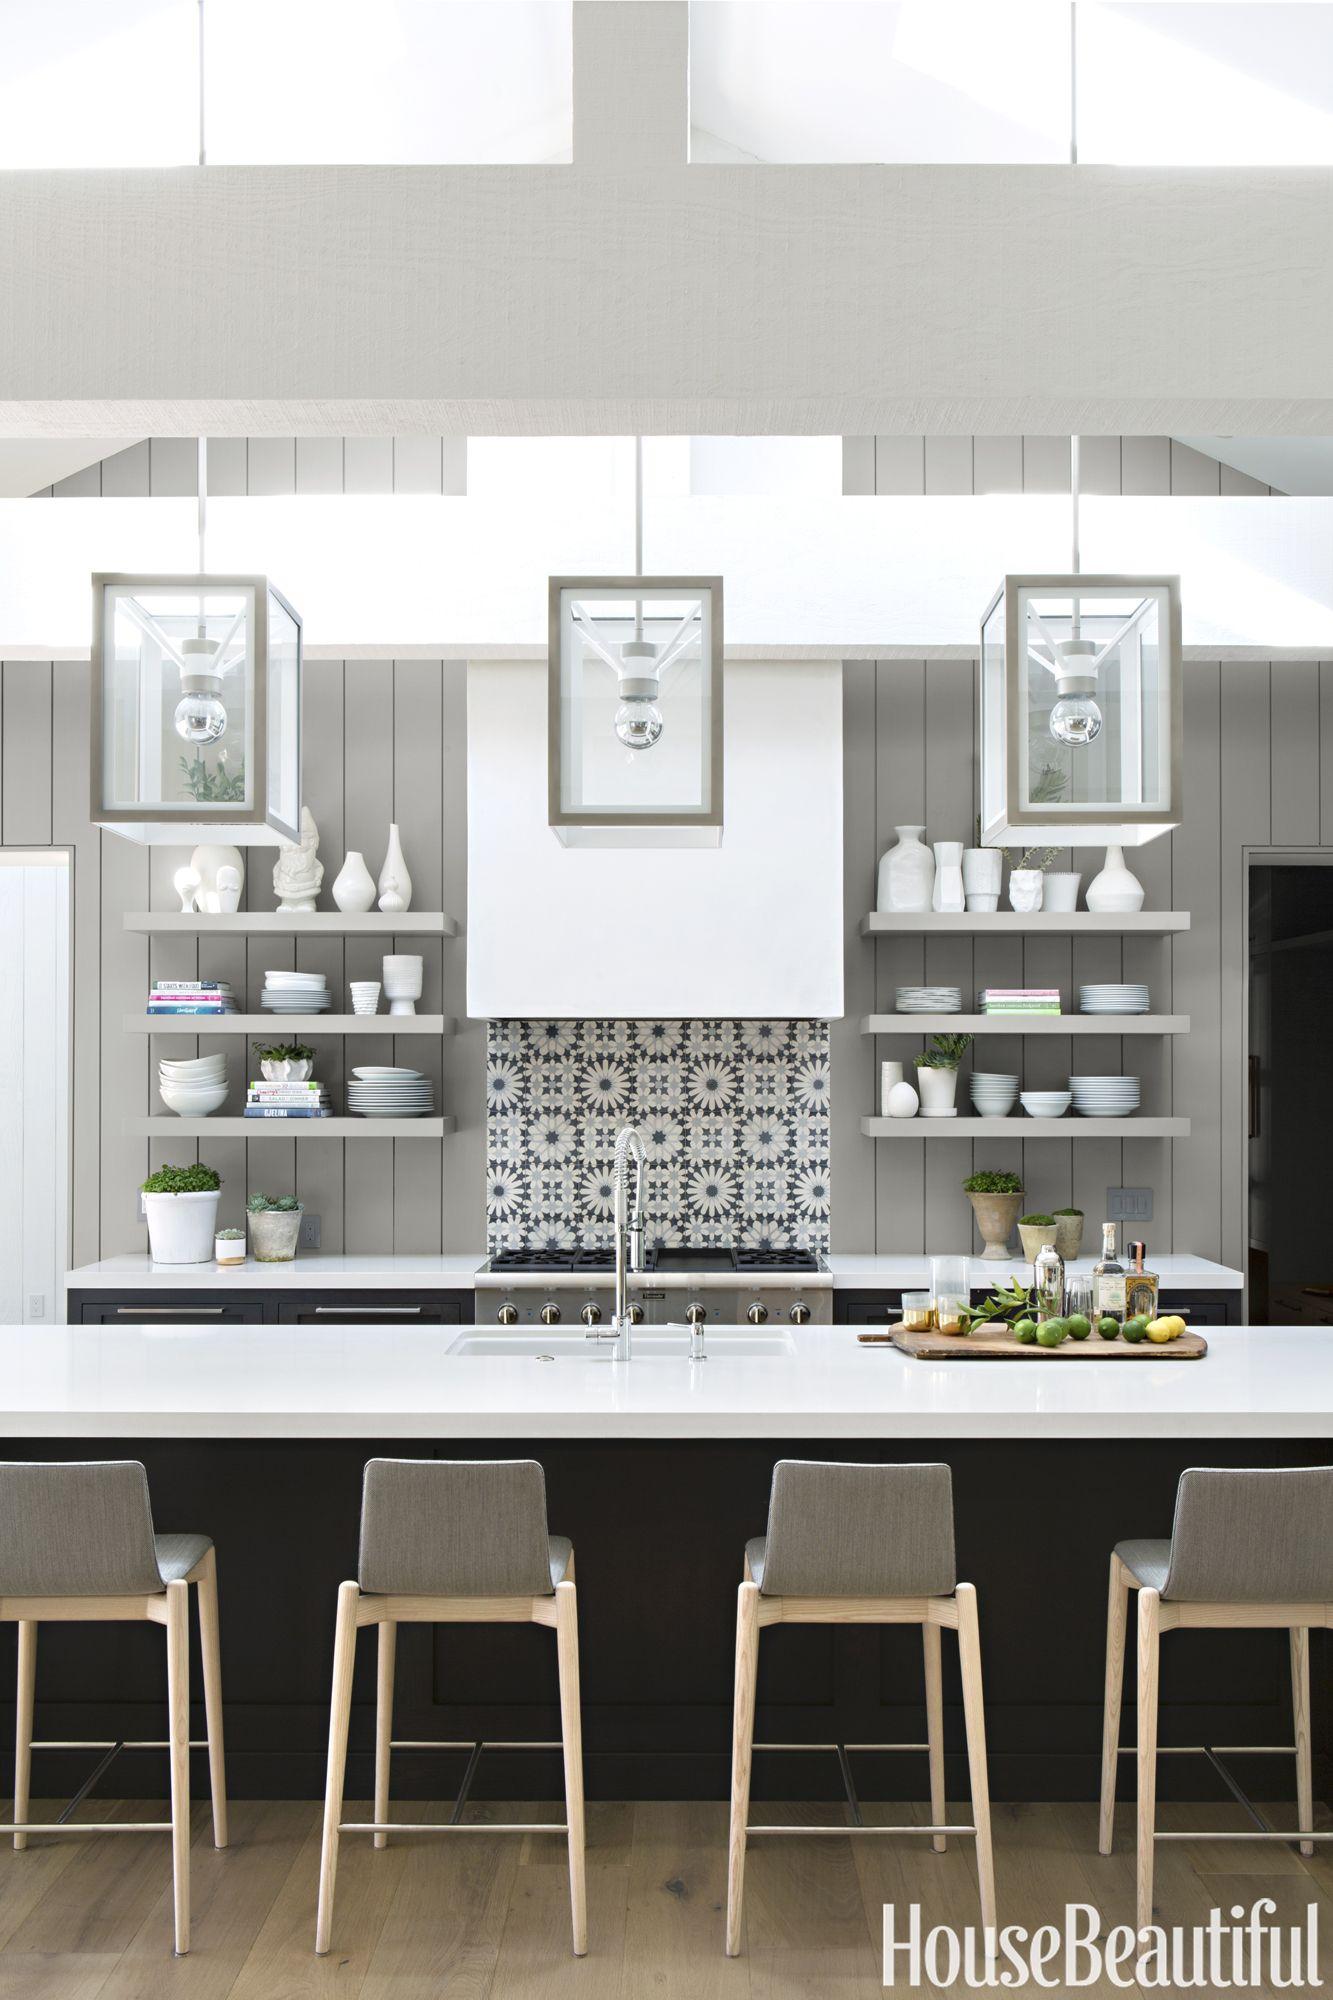 modern kitchen ideas & 14 Best Kitchen Paint Colors - Ideas for Popular Kitchen Colors